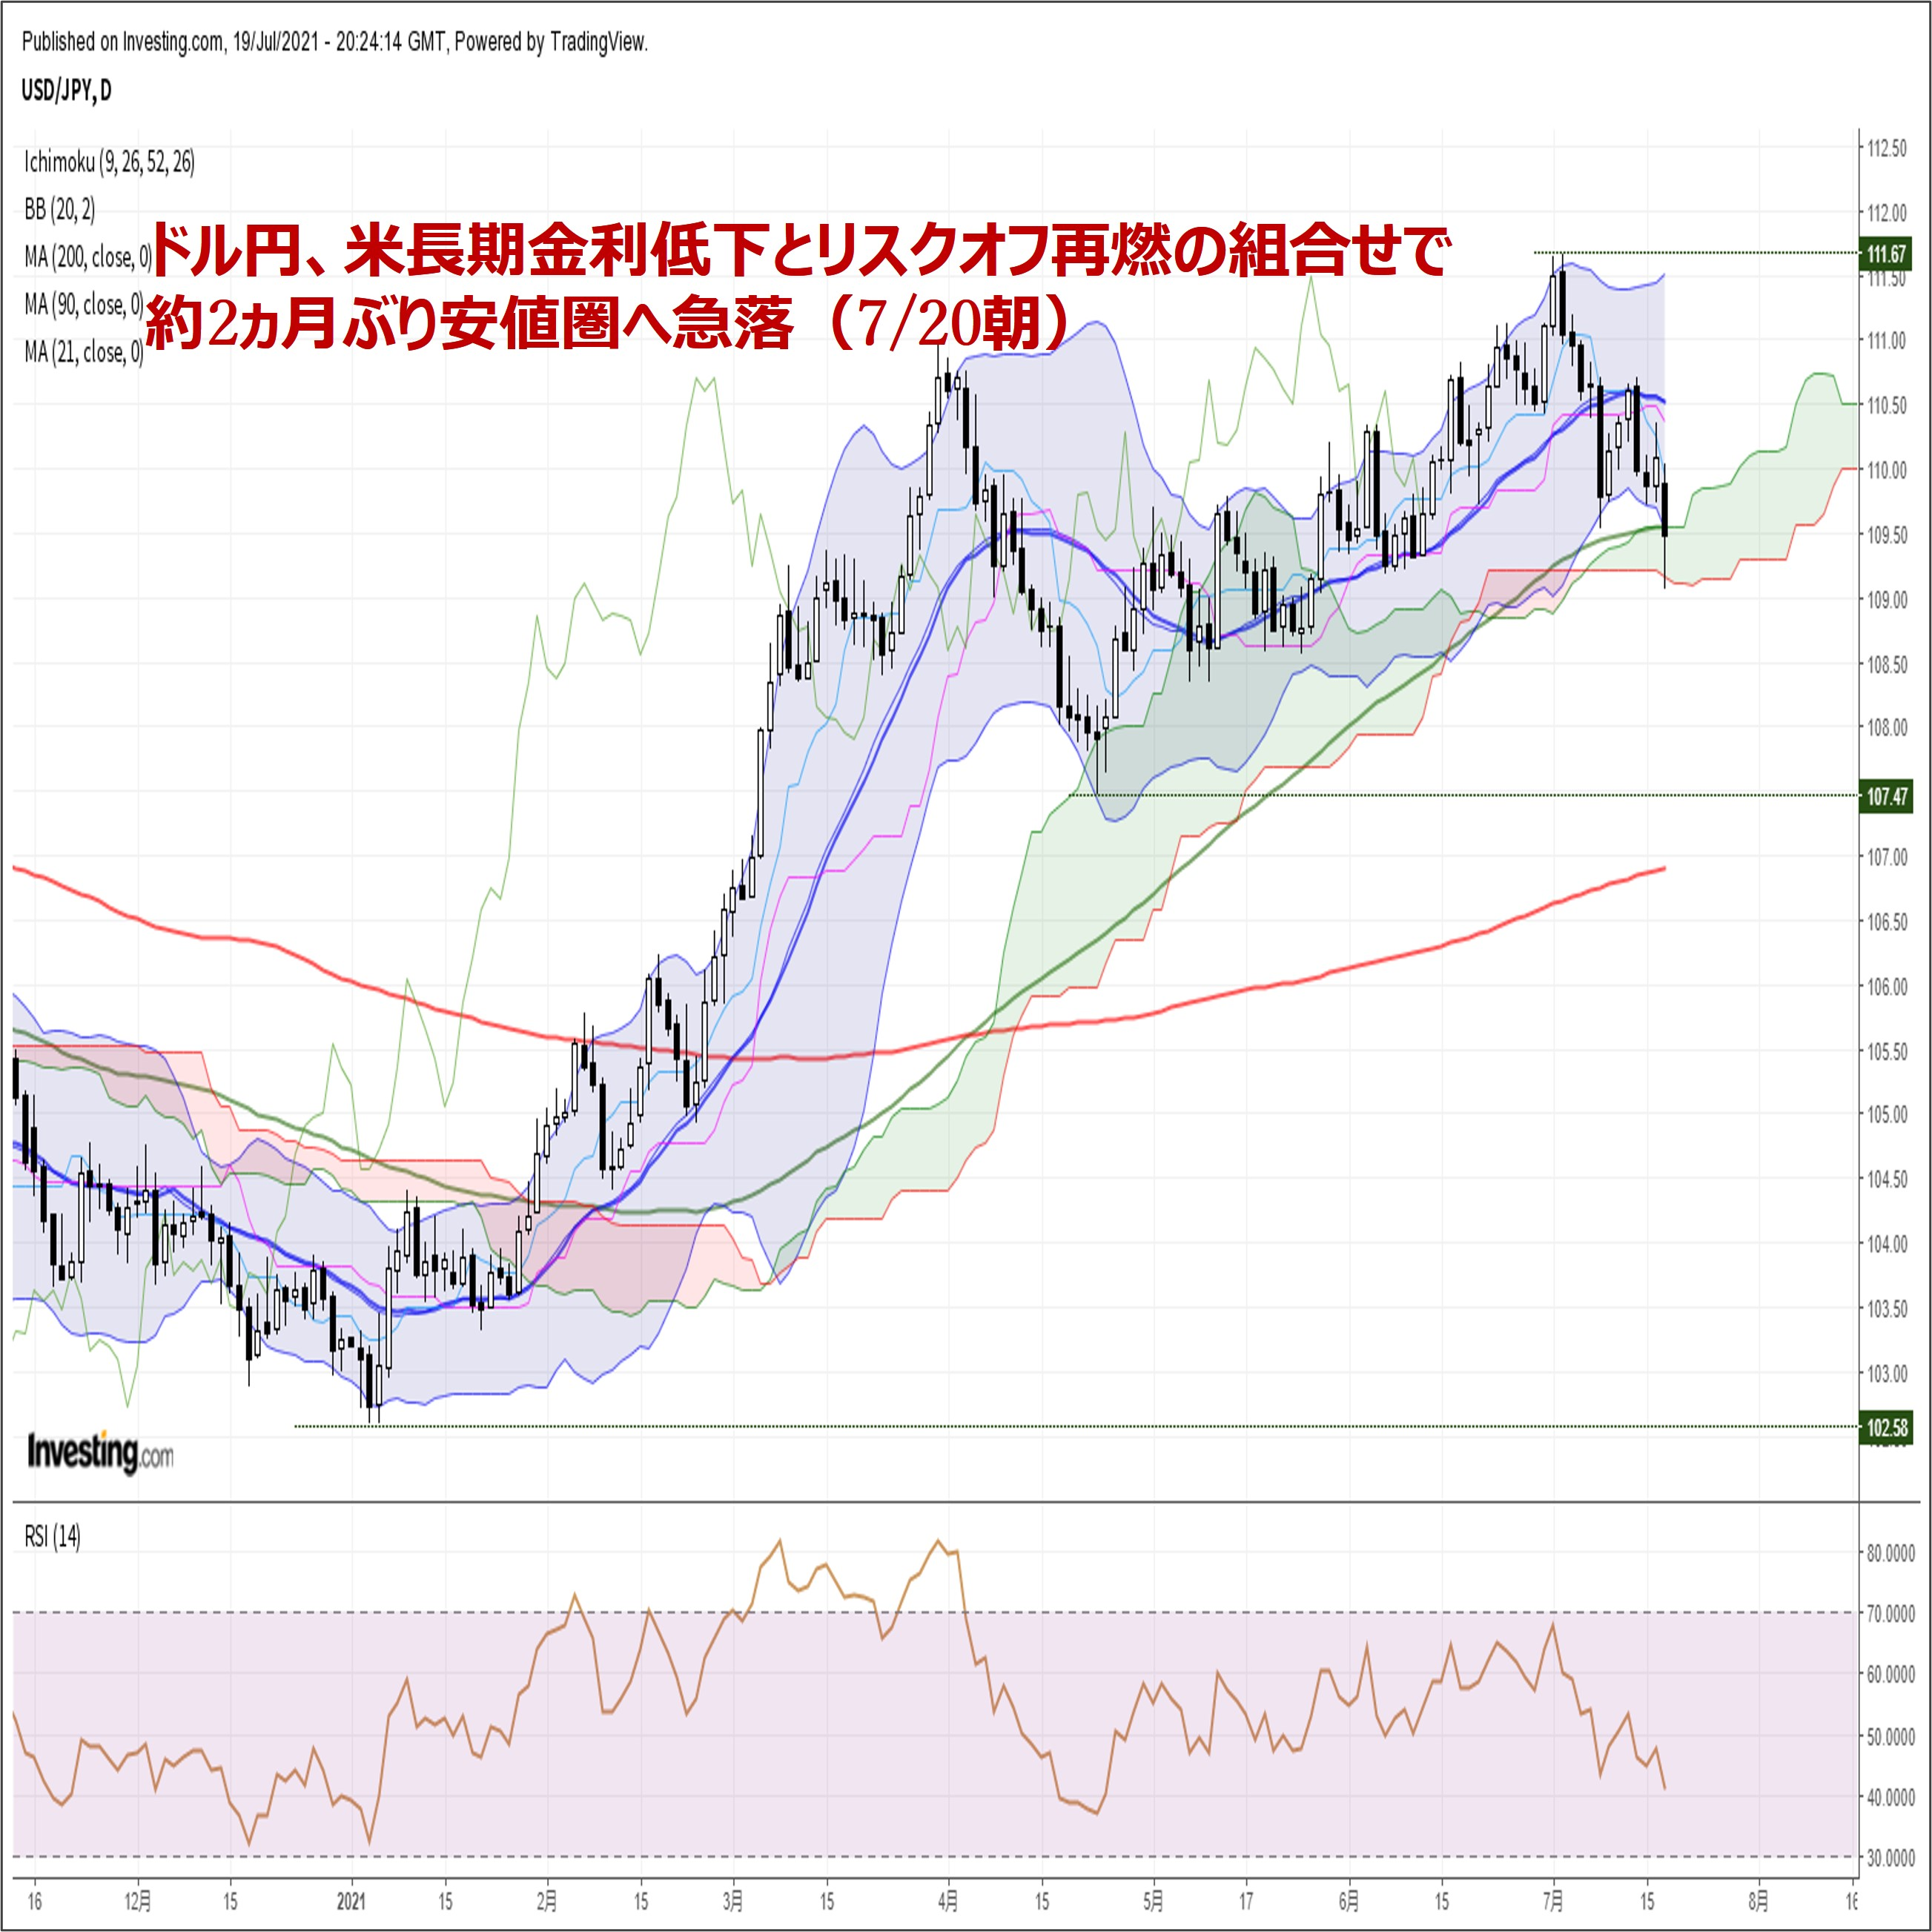 ドル円、米長期金利低下とリスクオフ再燃の組合せで約2ヵ月ぶり安値圏へ急落(7/20朝)